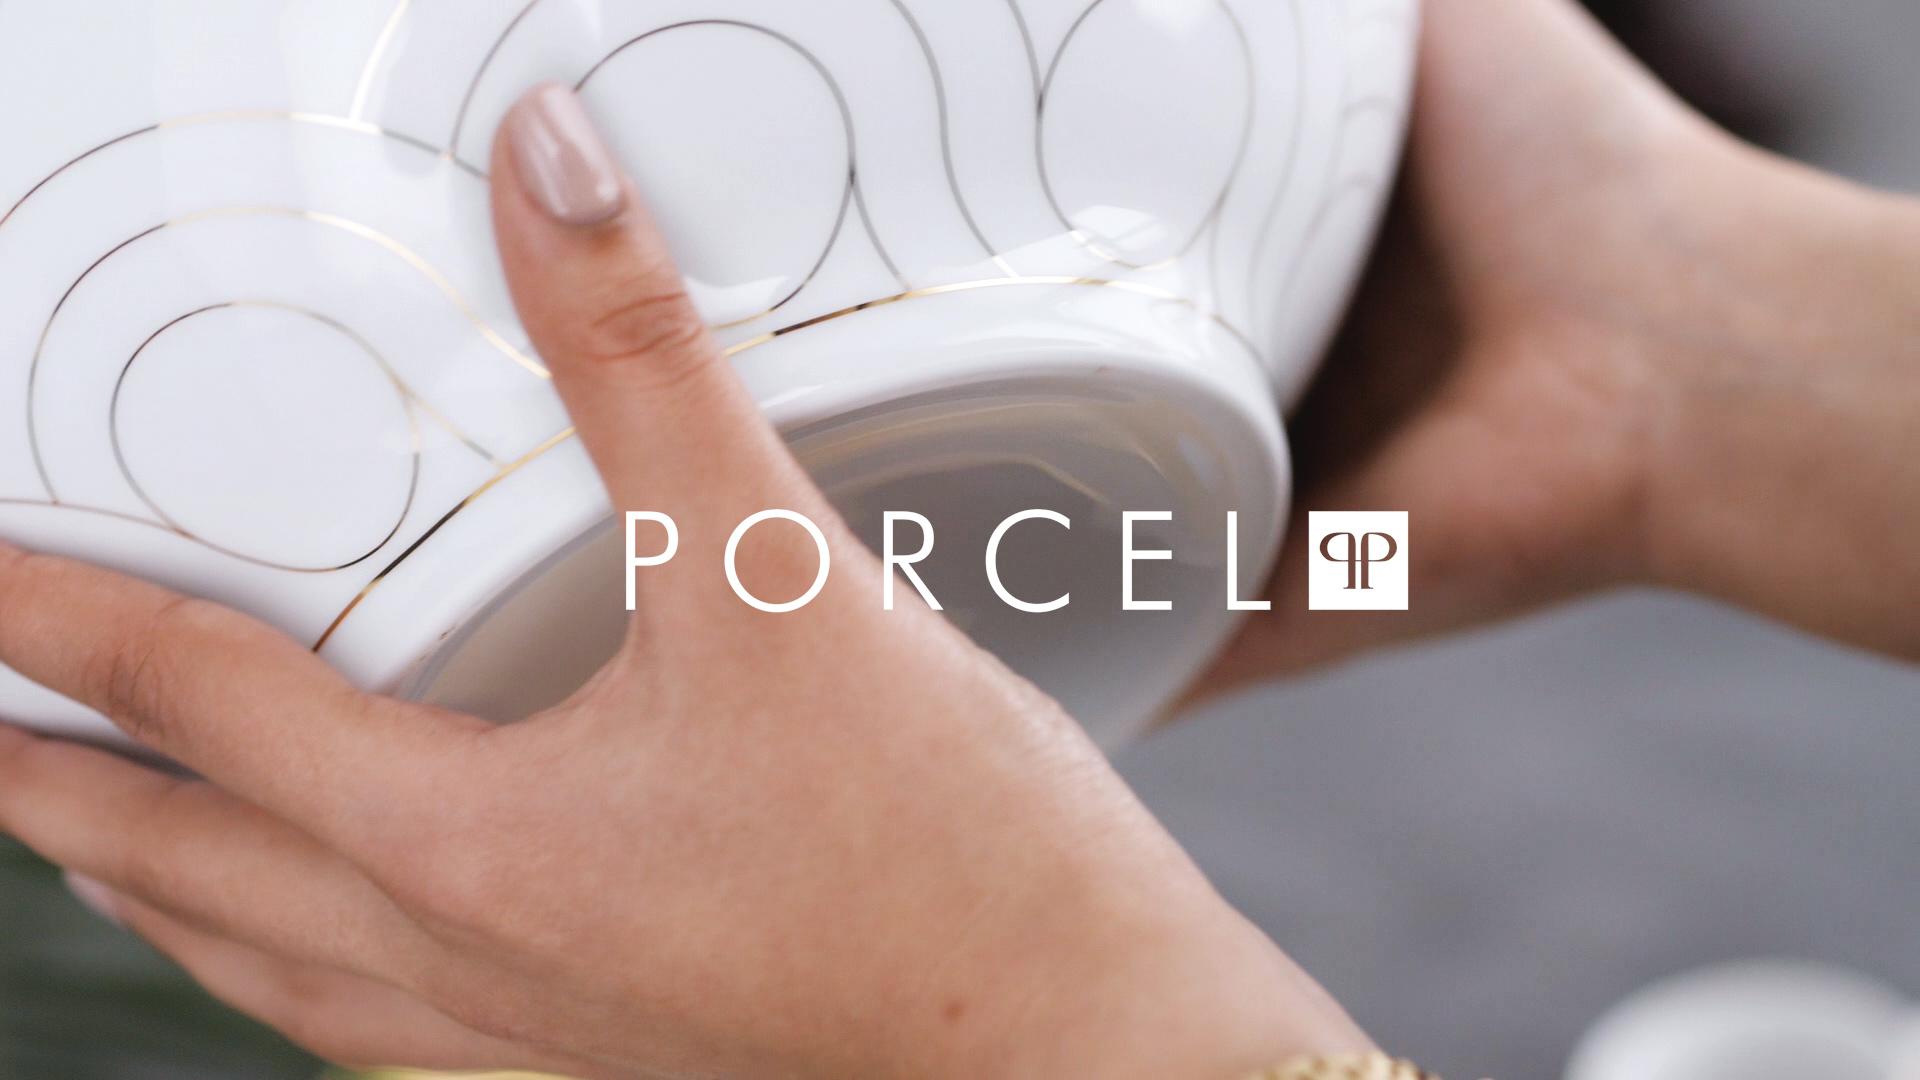 Manufacturing porcelain at Porcel 3